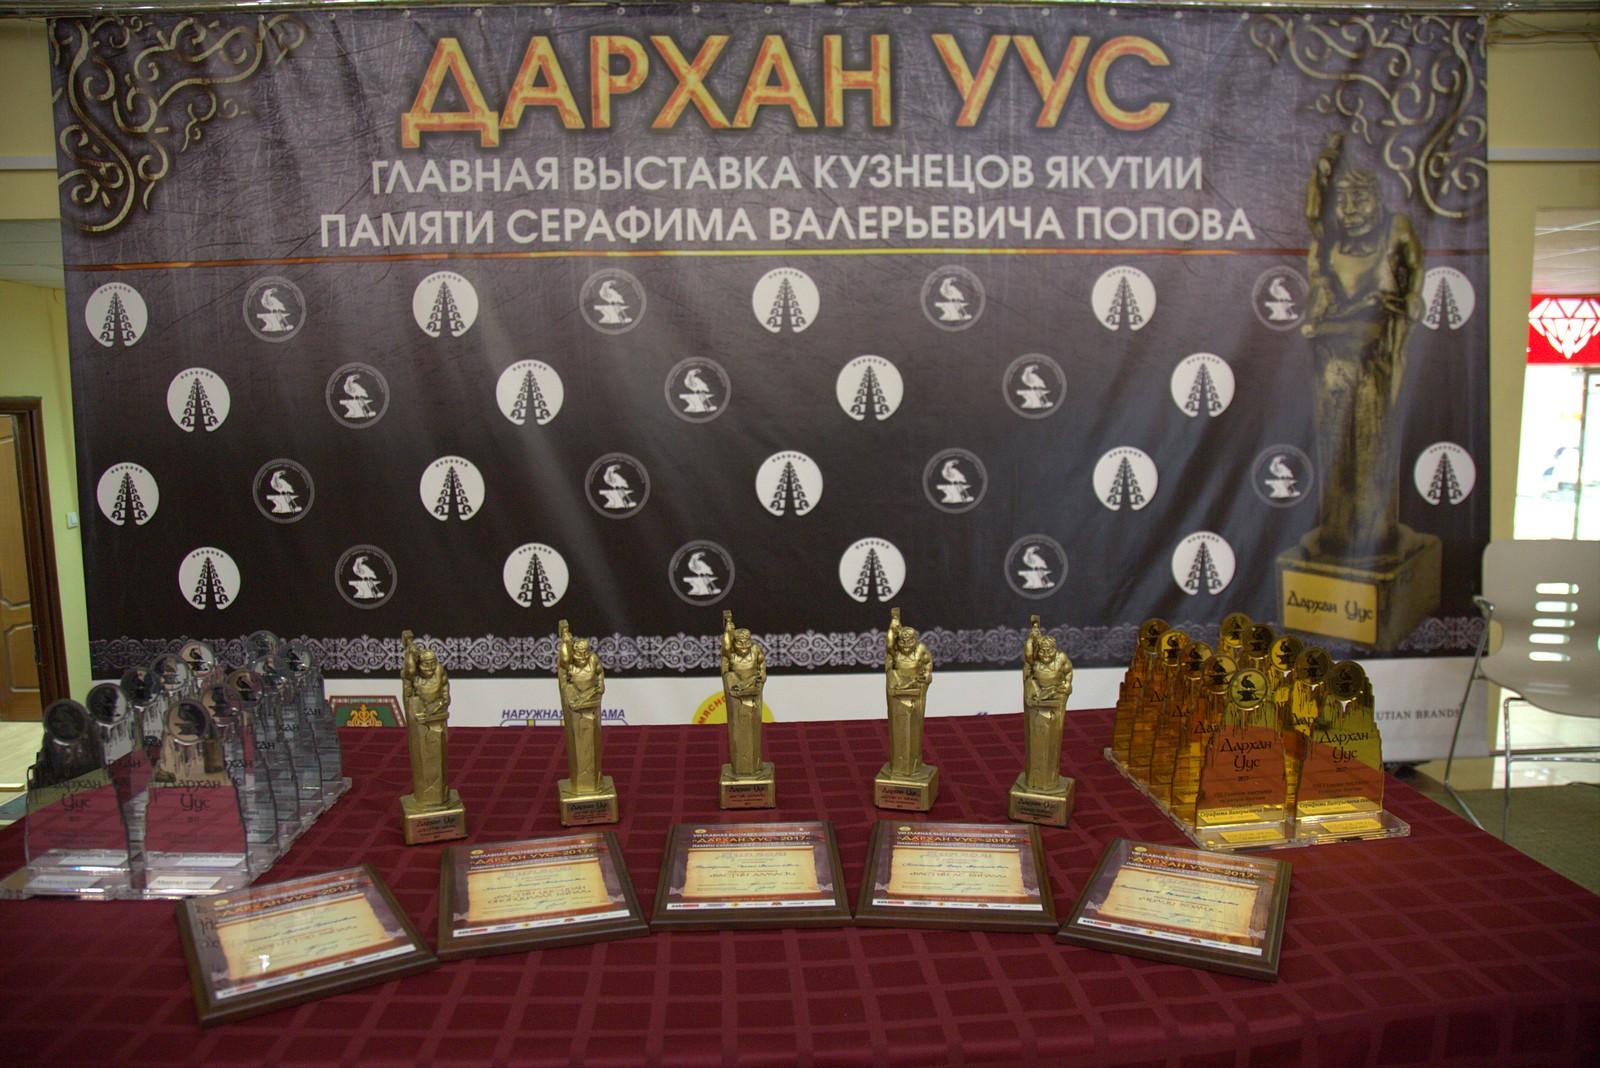 17 февраля 2018 года в Торговых рядах «Кружало» состоится IХ главная выставка кузнецов Якутии «ДАРХАН УУС»